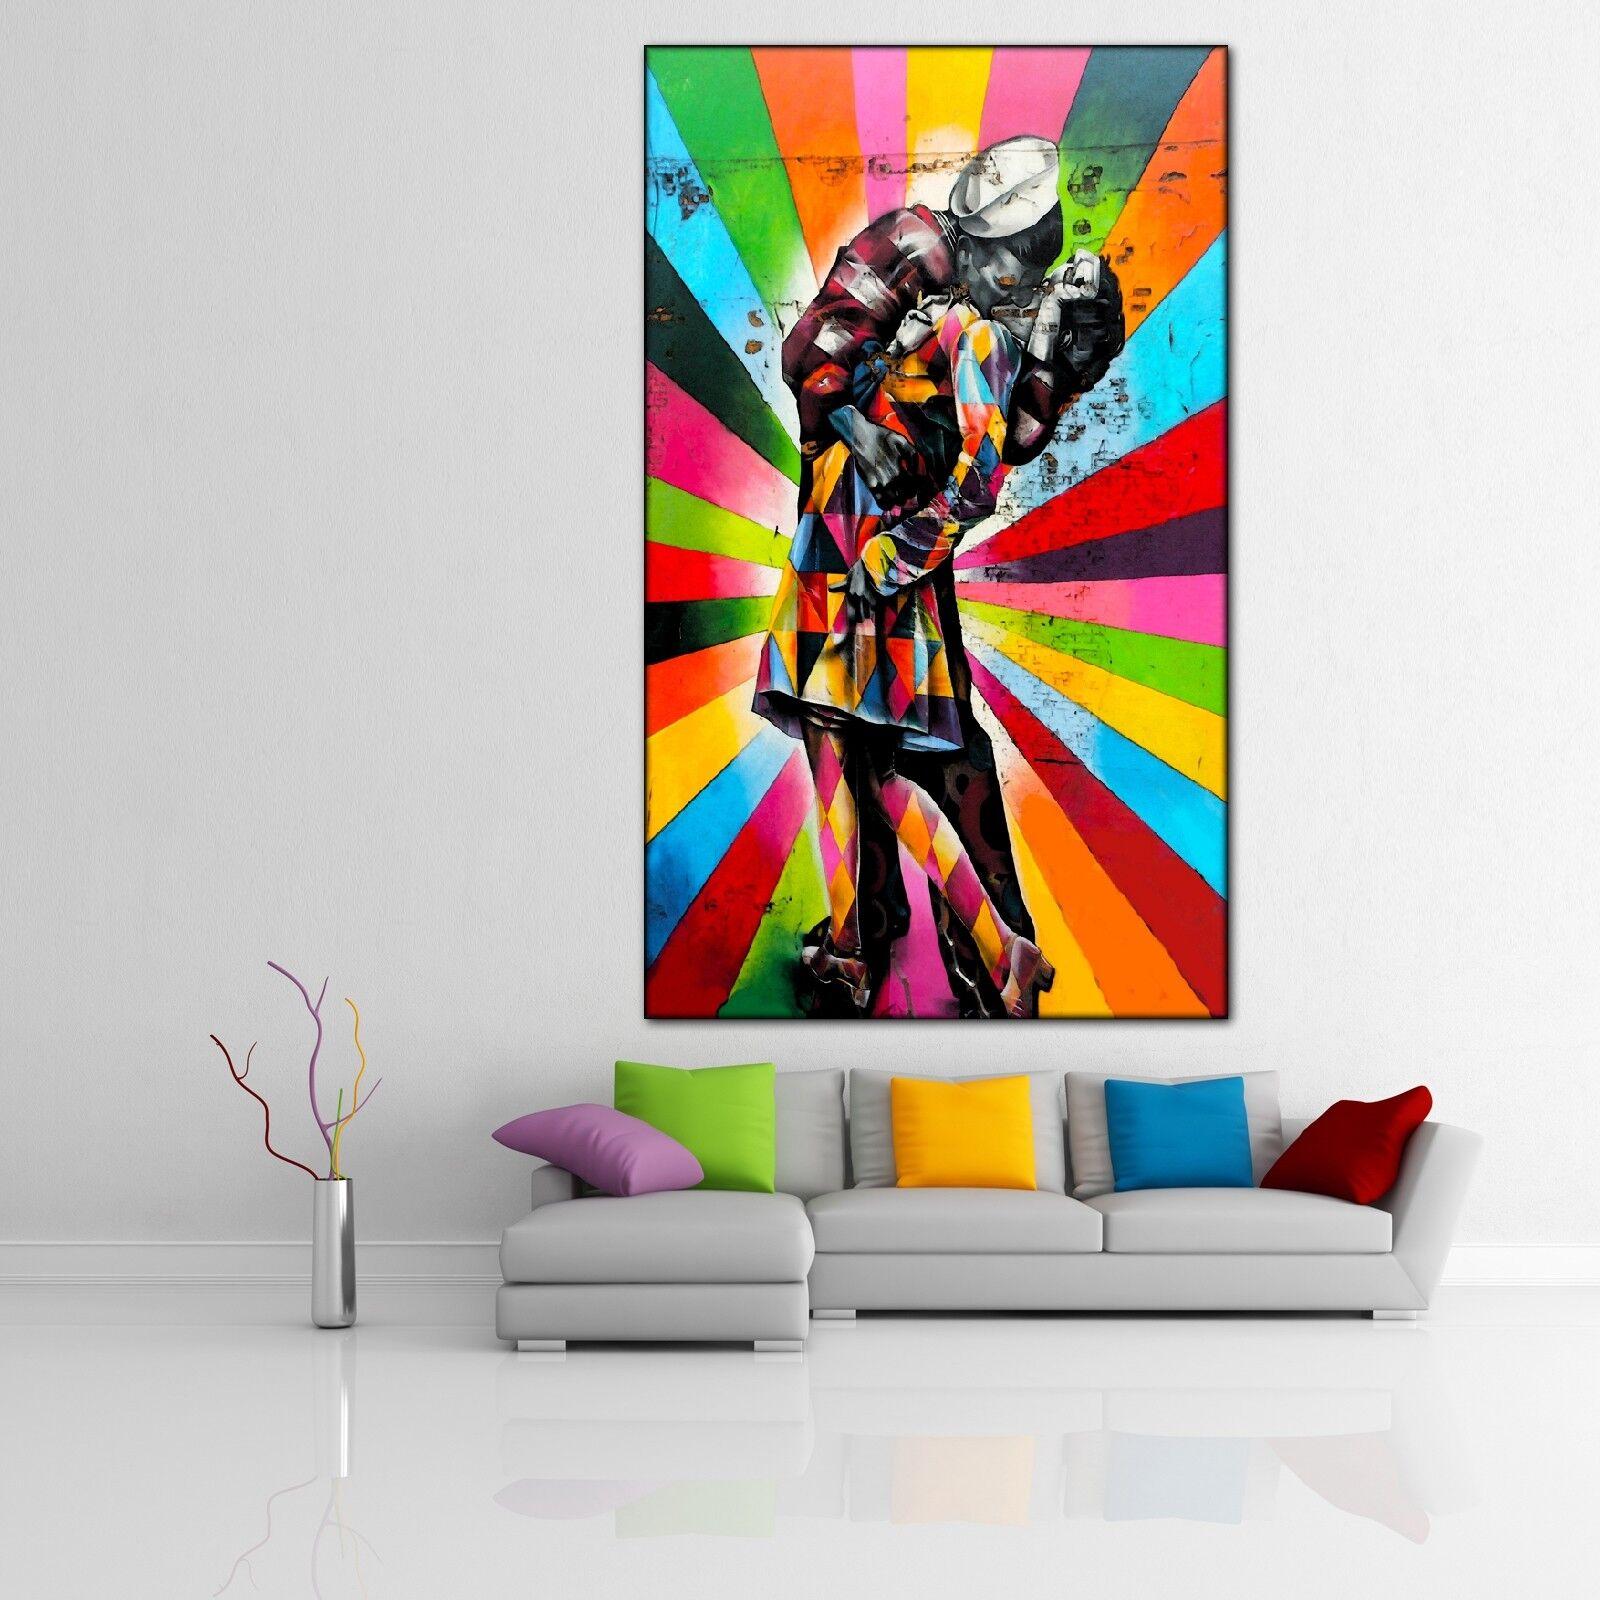 LEINWAND BILD ER XXL POP Kunst GRAFFITI ABSTRAKT KUSS LIEBE MAUER POSTER 90x150